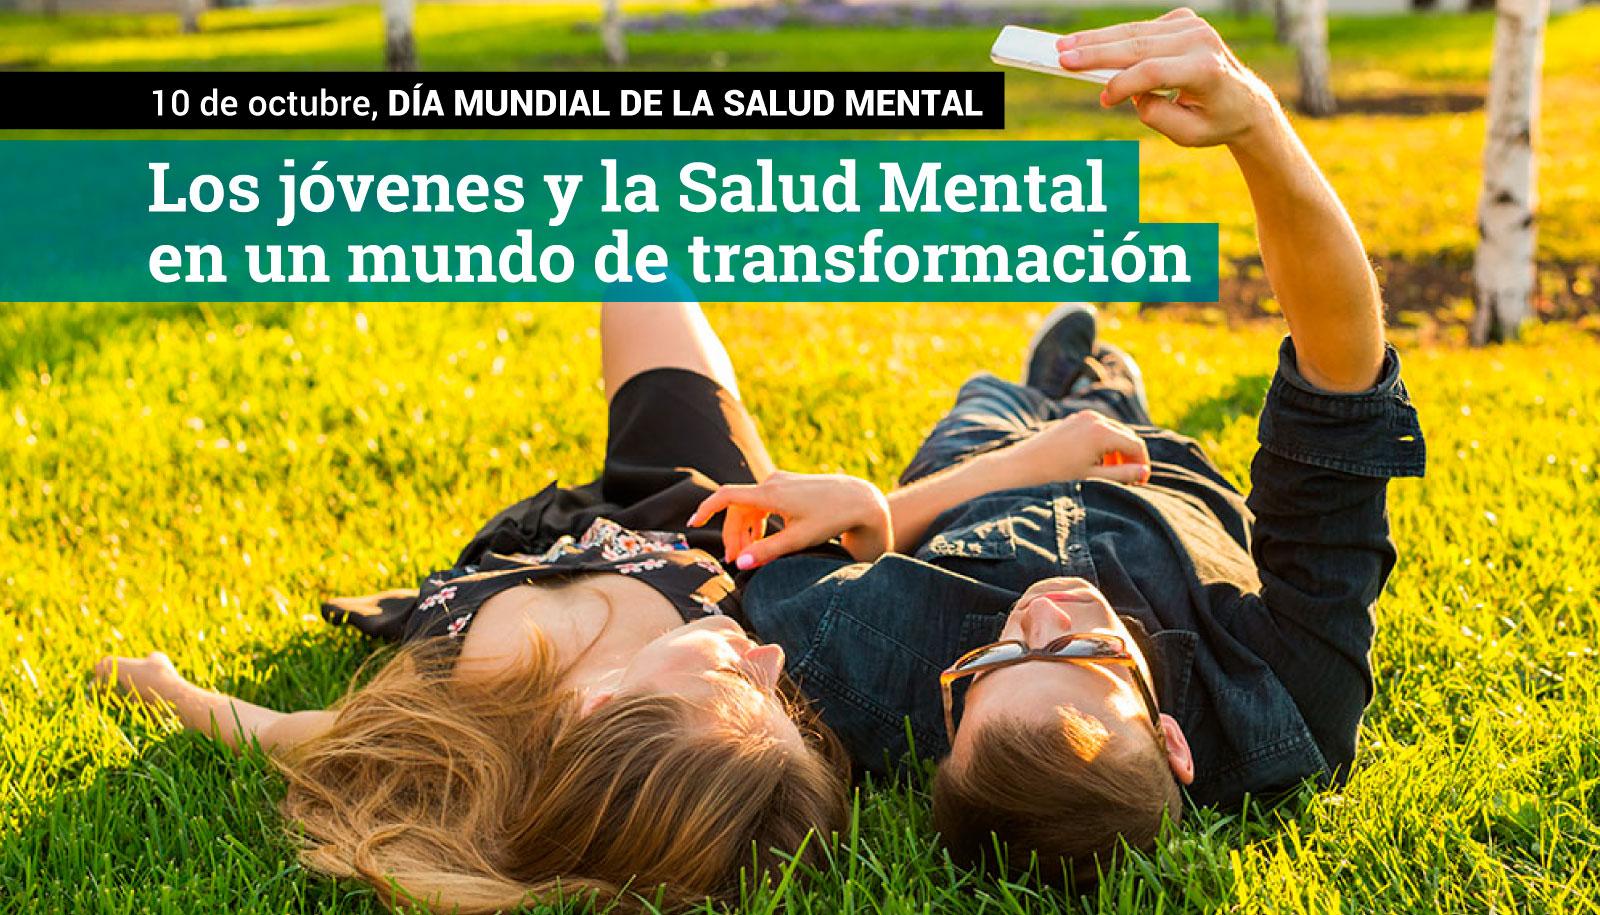 Día Mundial de la Salud Mental 2018